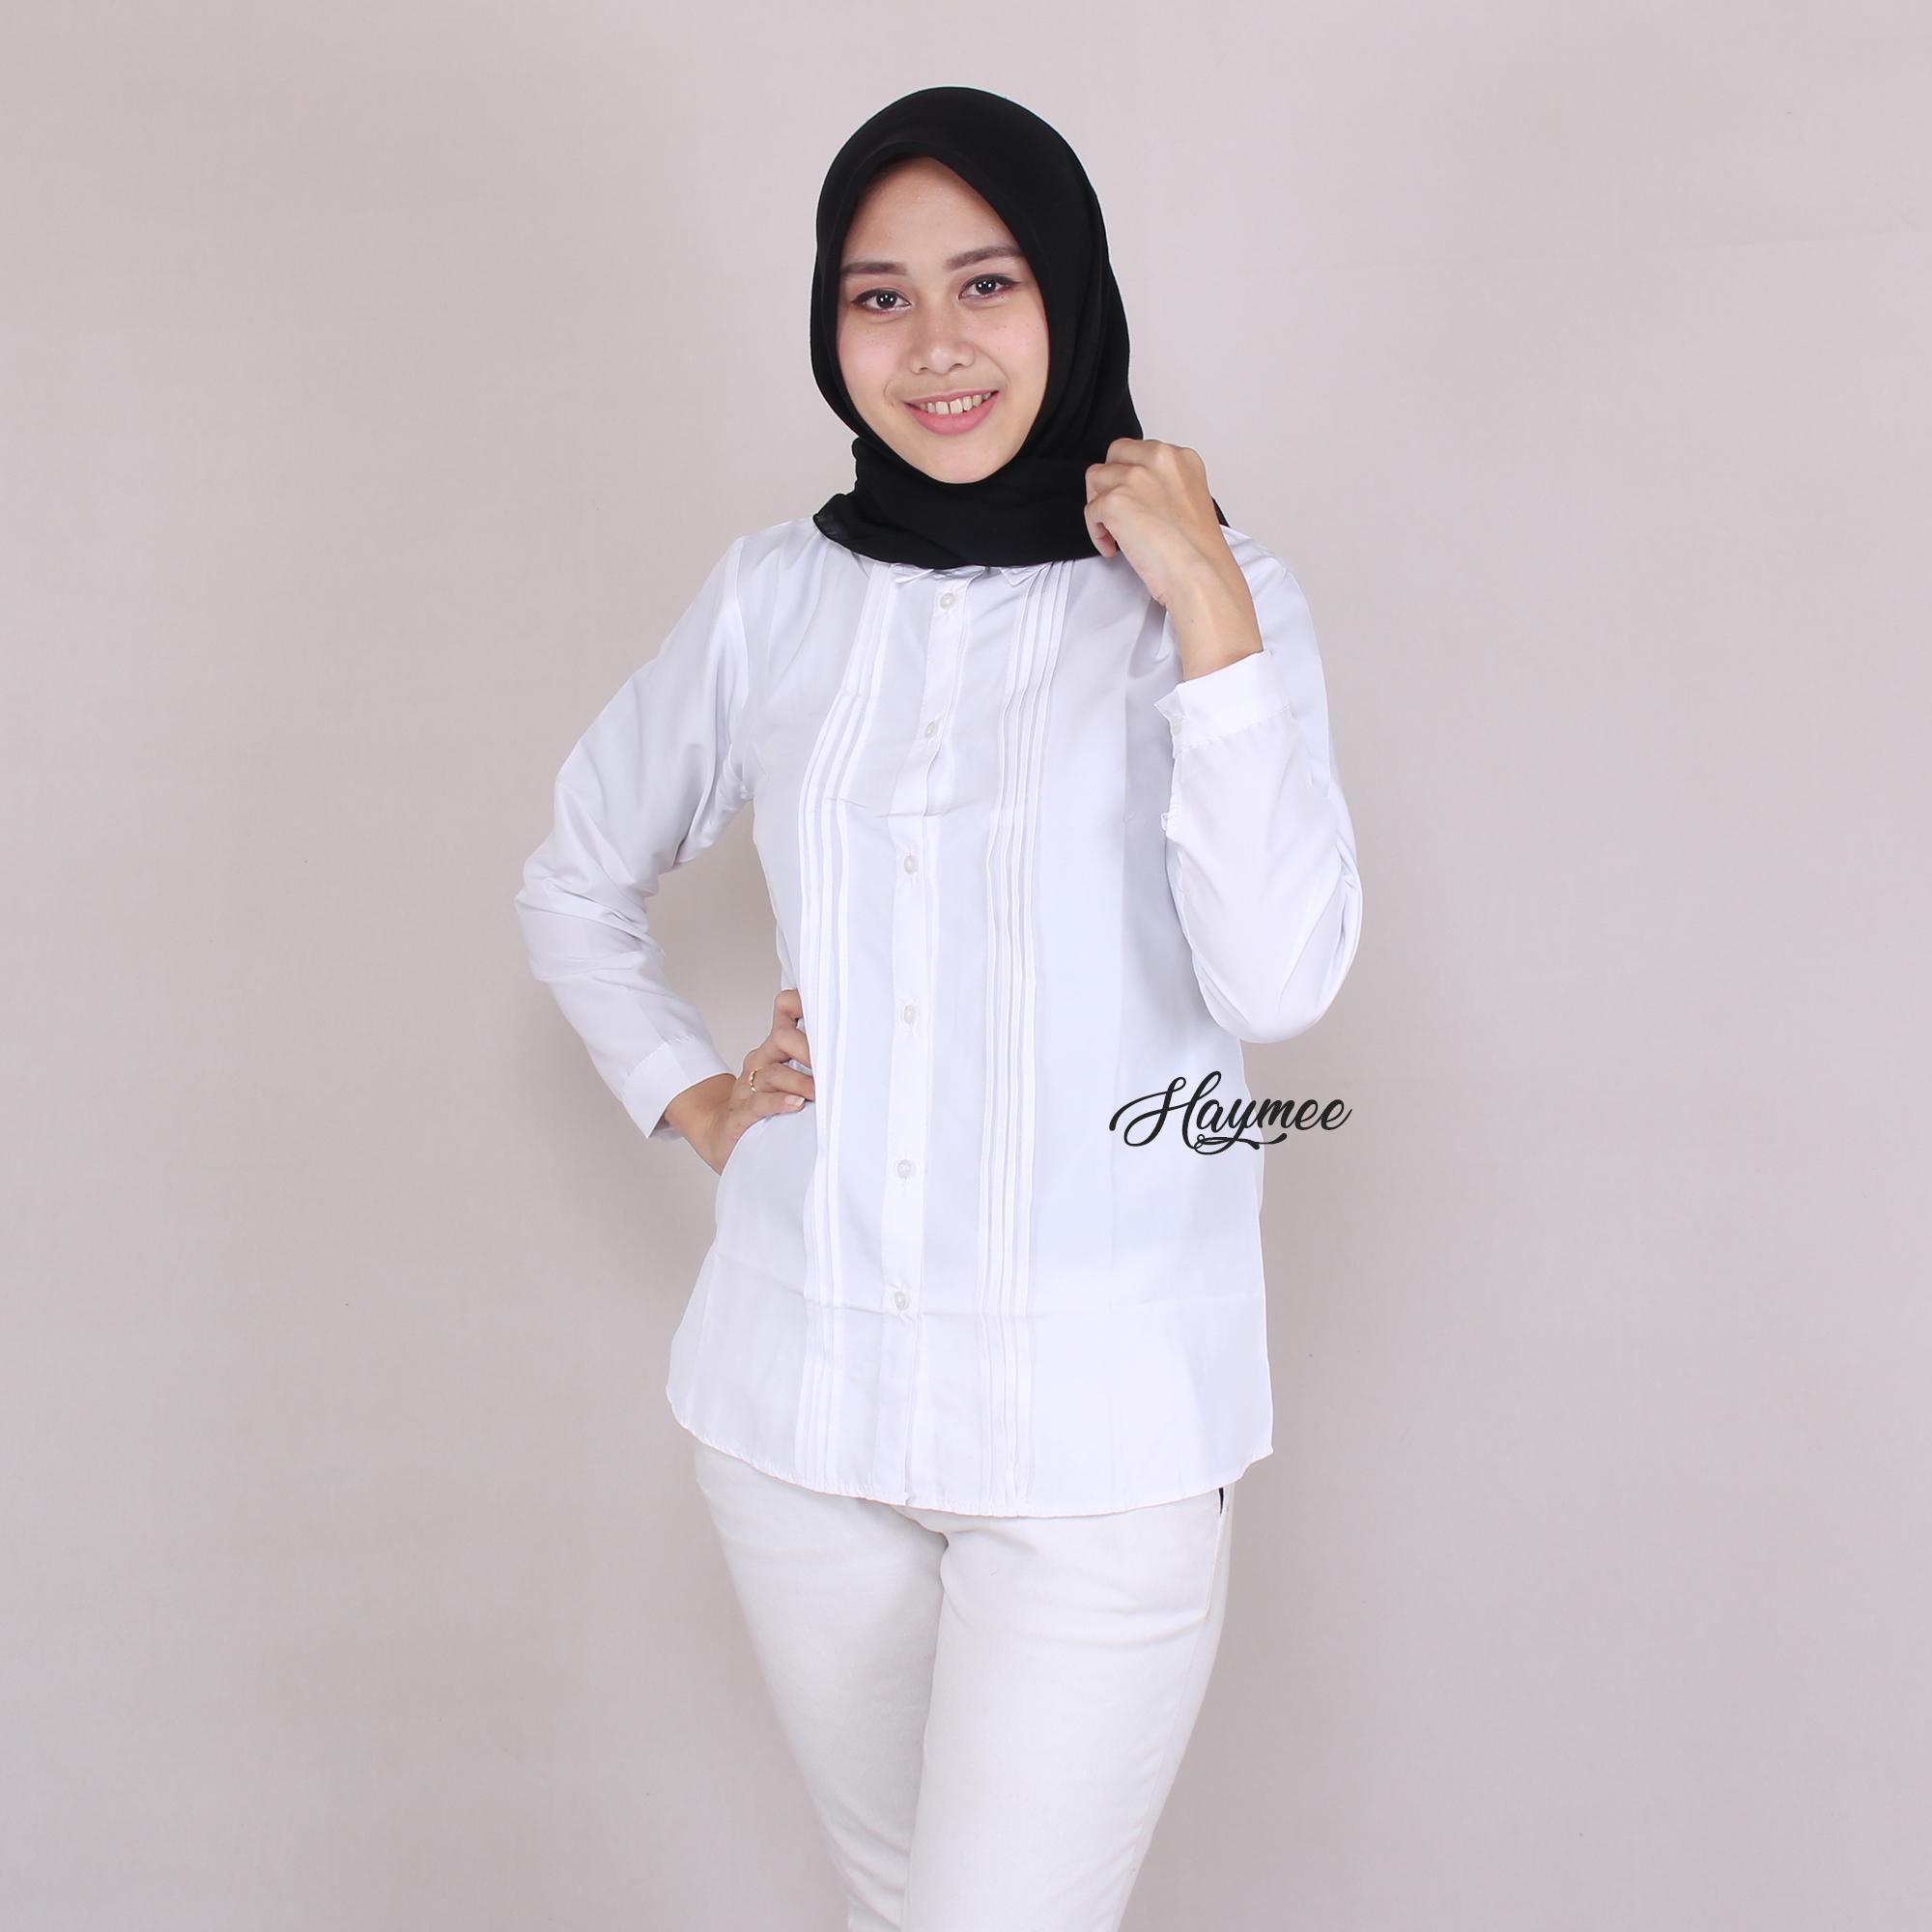 HaymeeStore Kemeja Putih Polos Wanita Baju Kantor Cewek Formal Atasan Kerja cewe Variasi Rempel